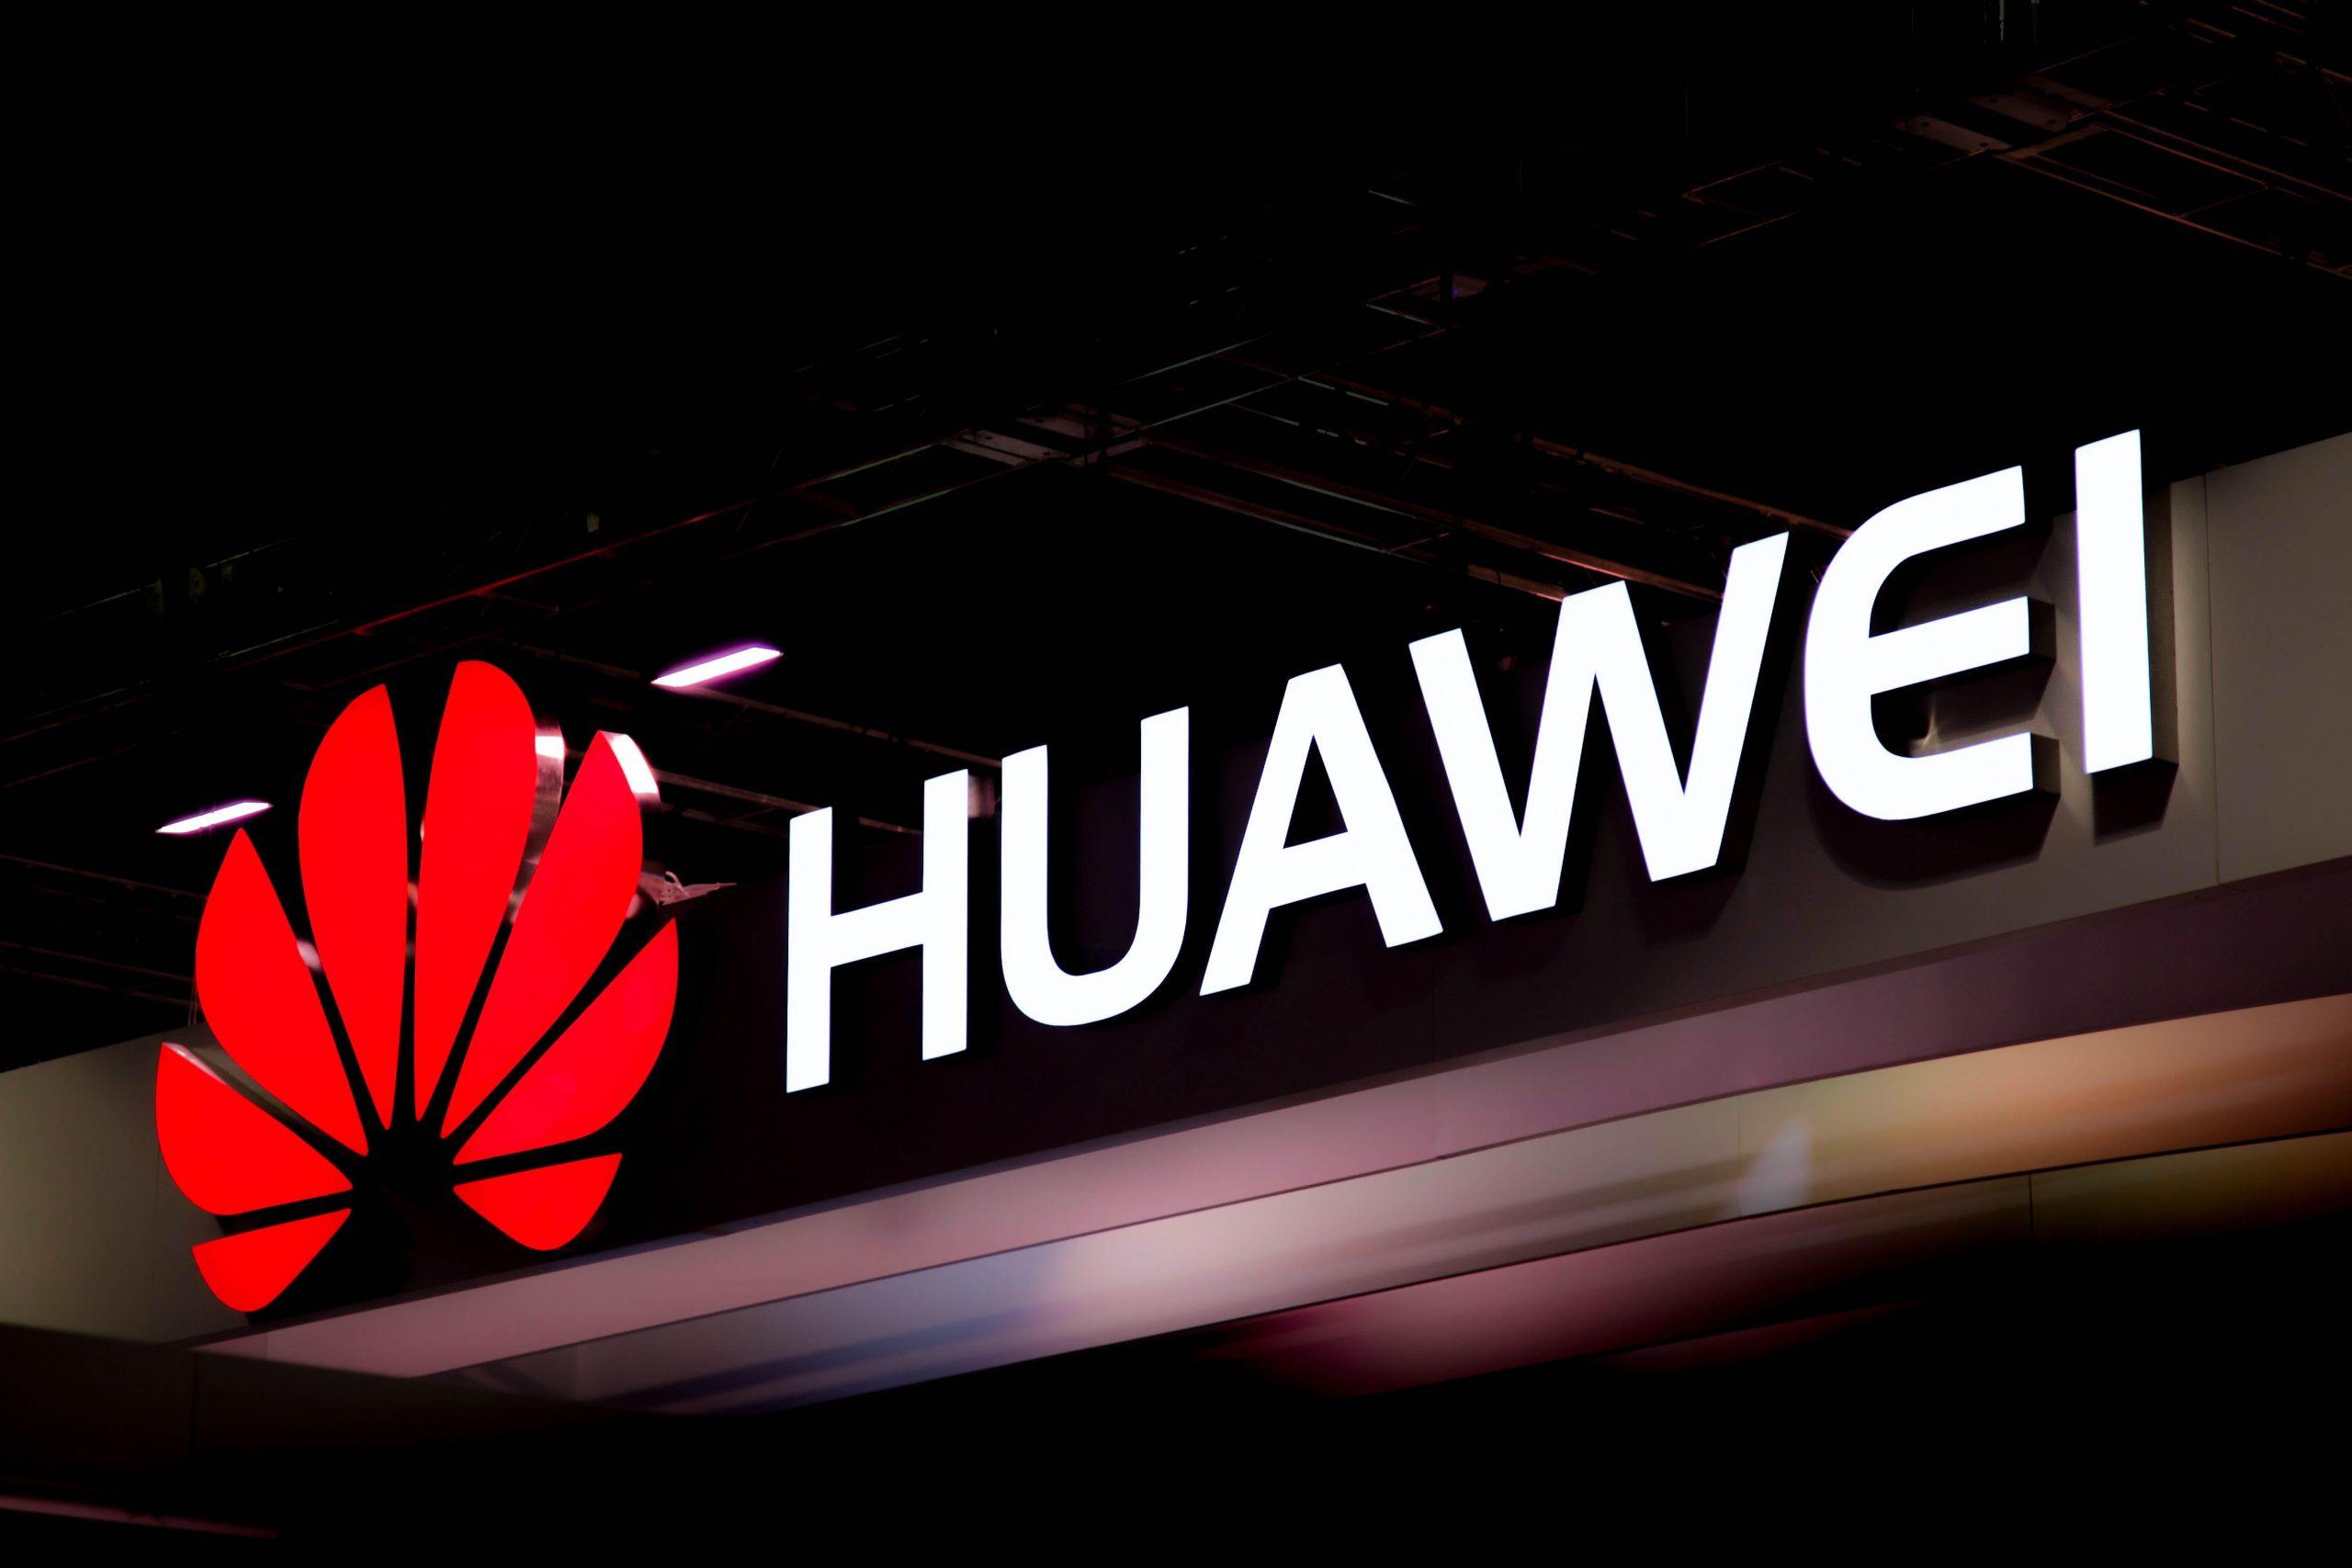 China tomaría represalias contra Nokia y Ericsson por veto a Huawei en redes 5G